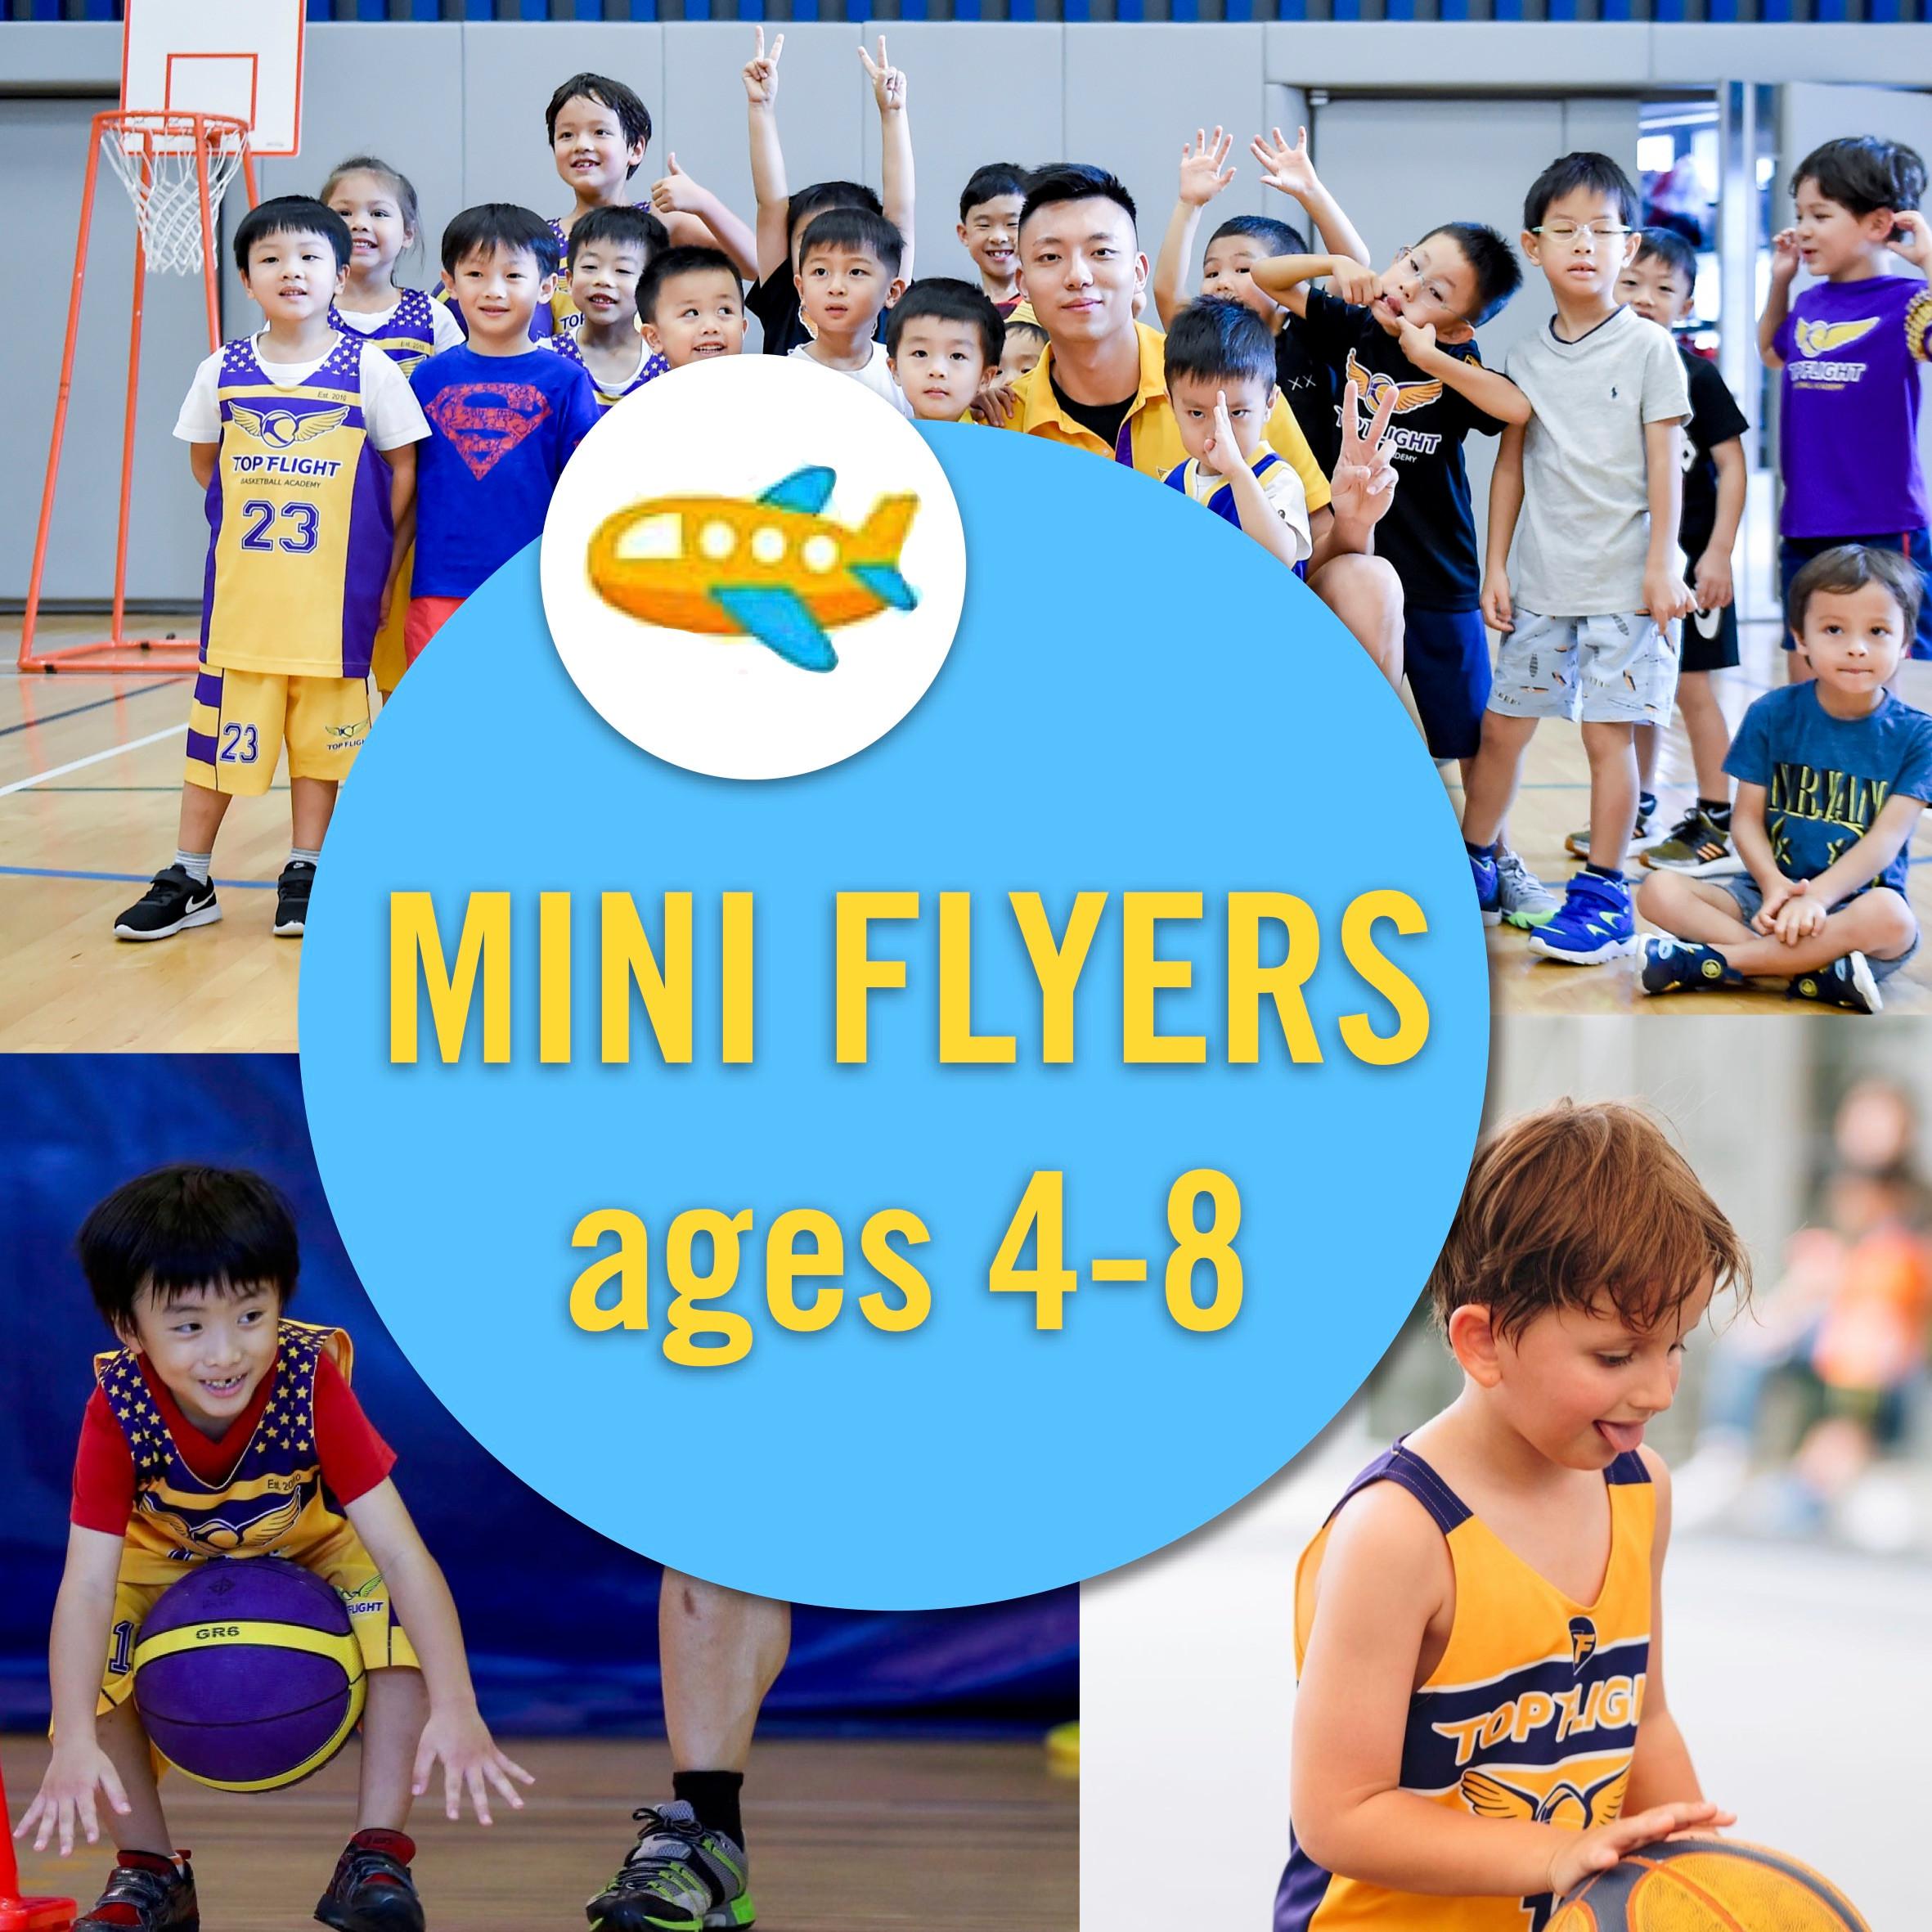 Mini Flyers 4-8/09:00-10:00